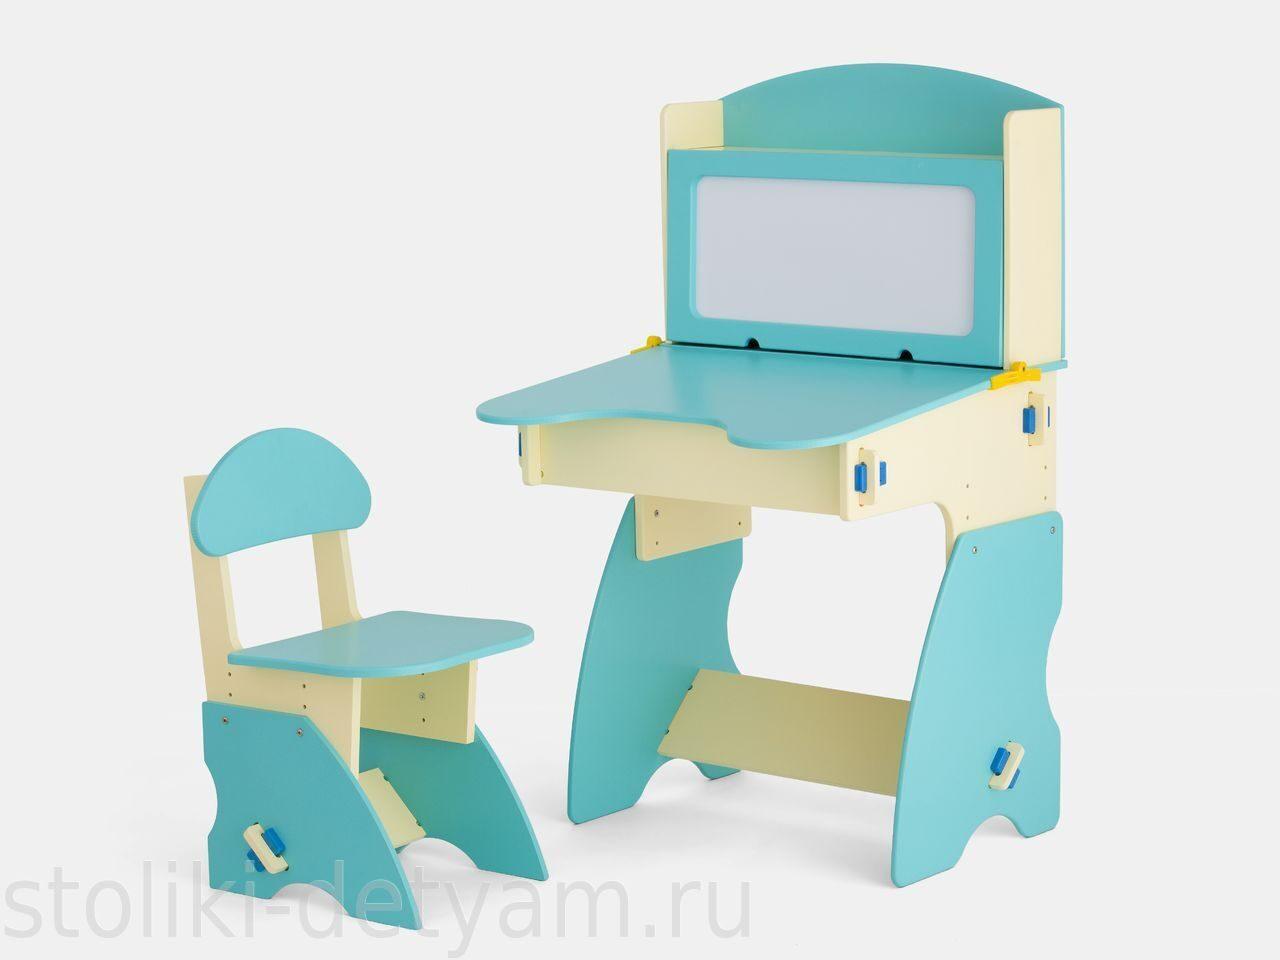 Детский столик с магнитной доской, бежево-бирюзовый